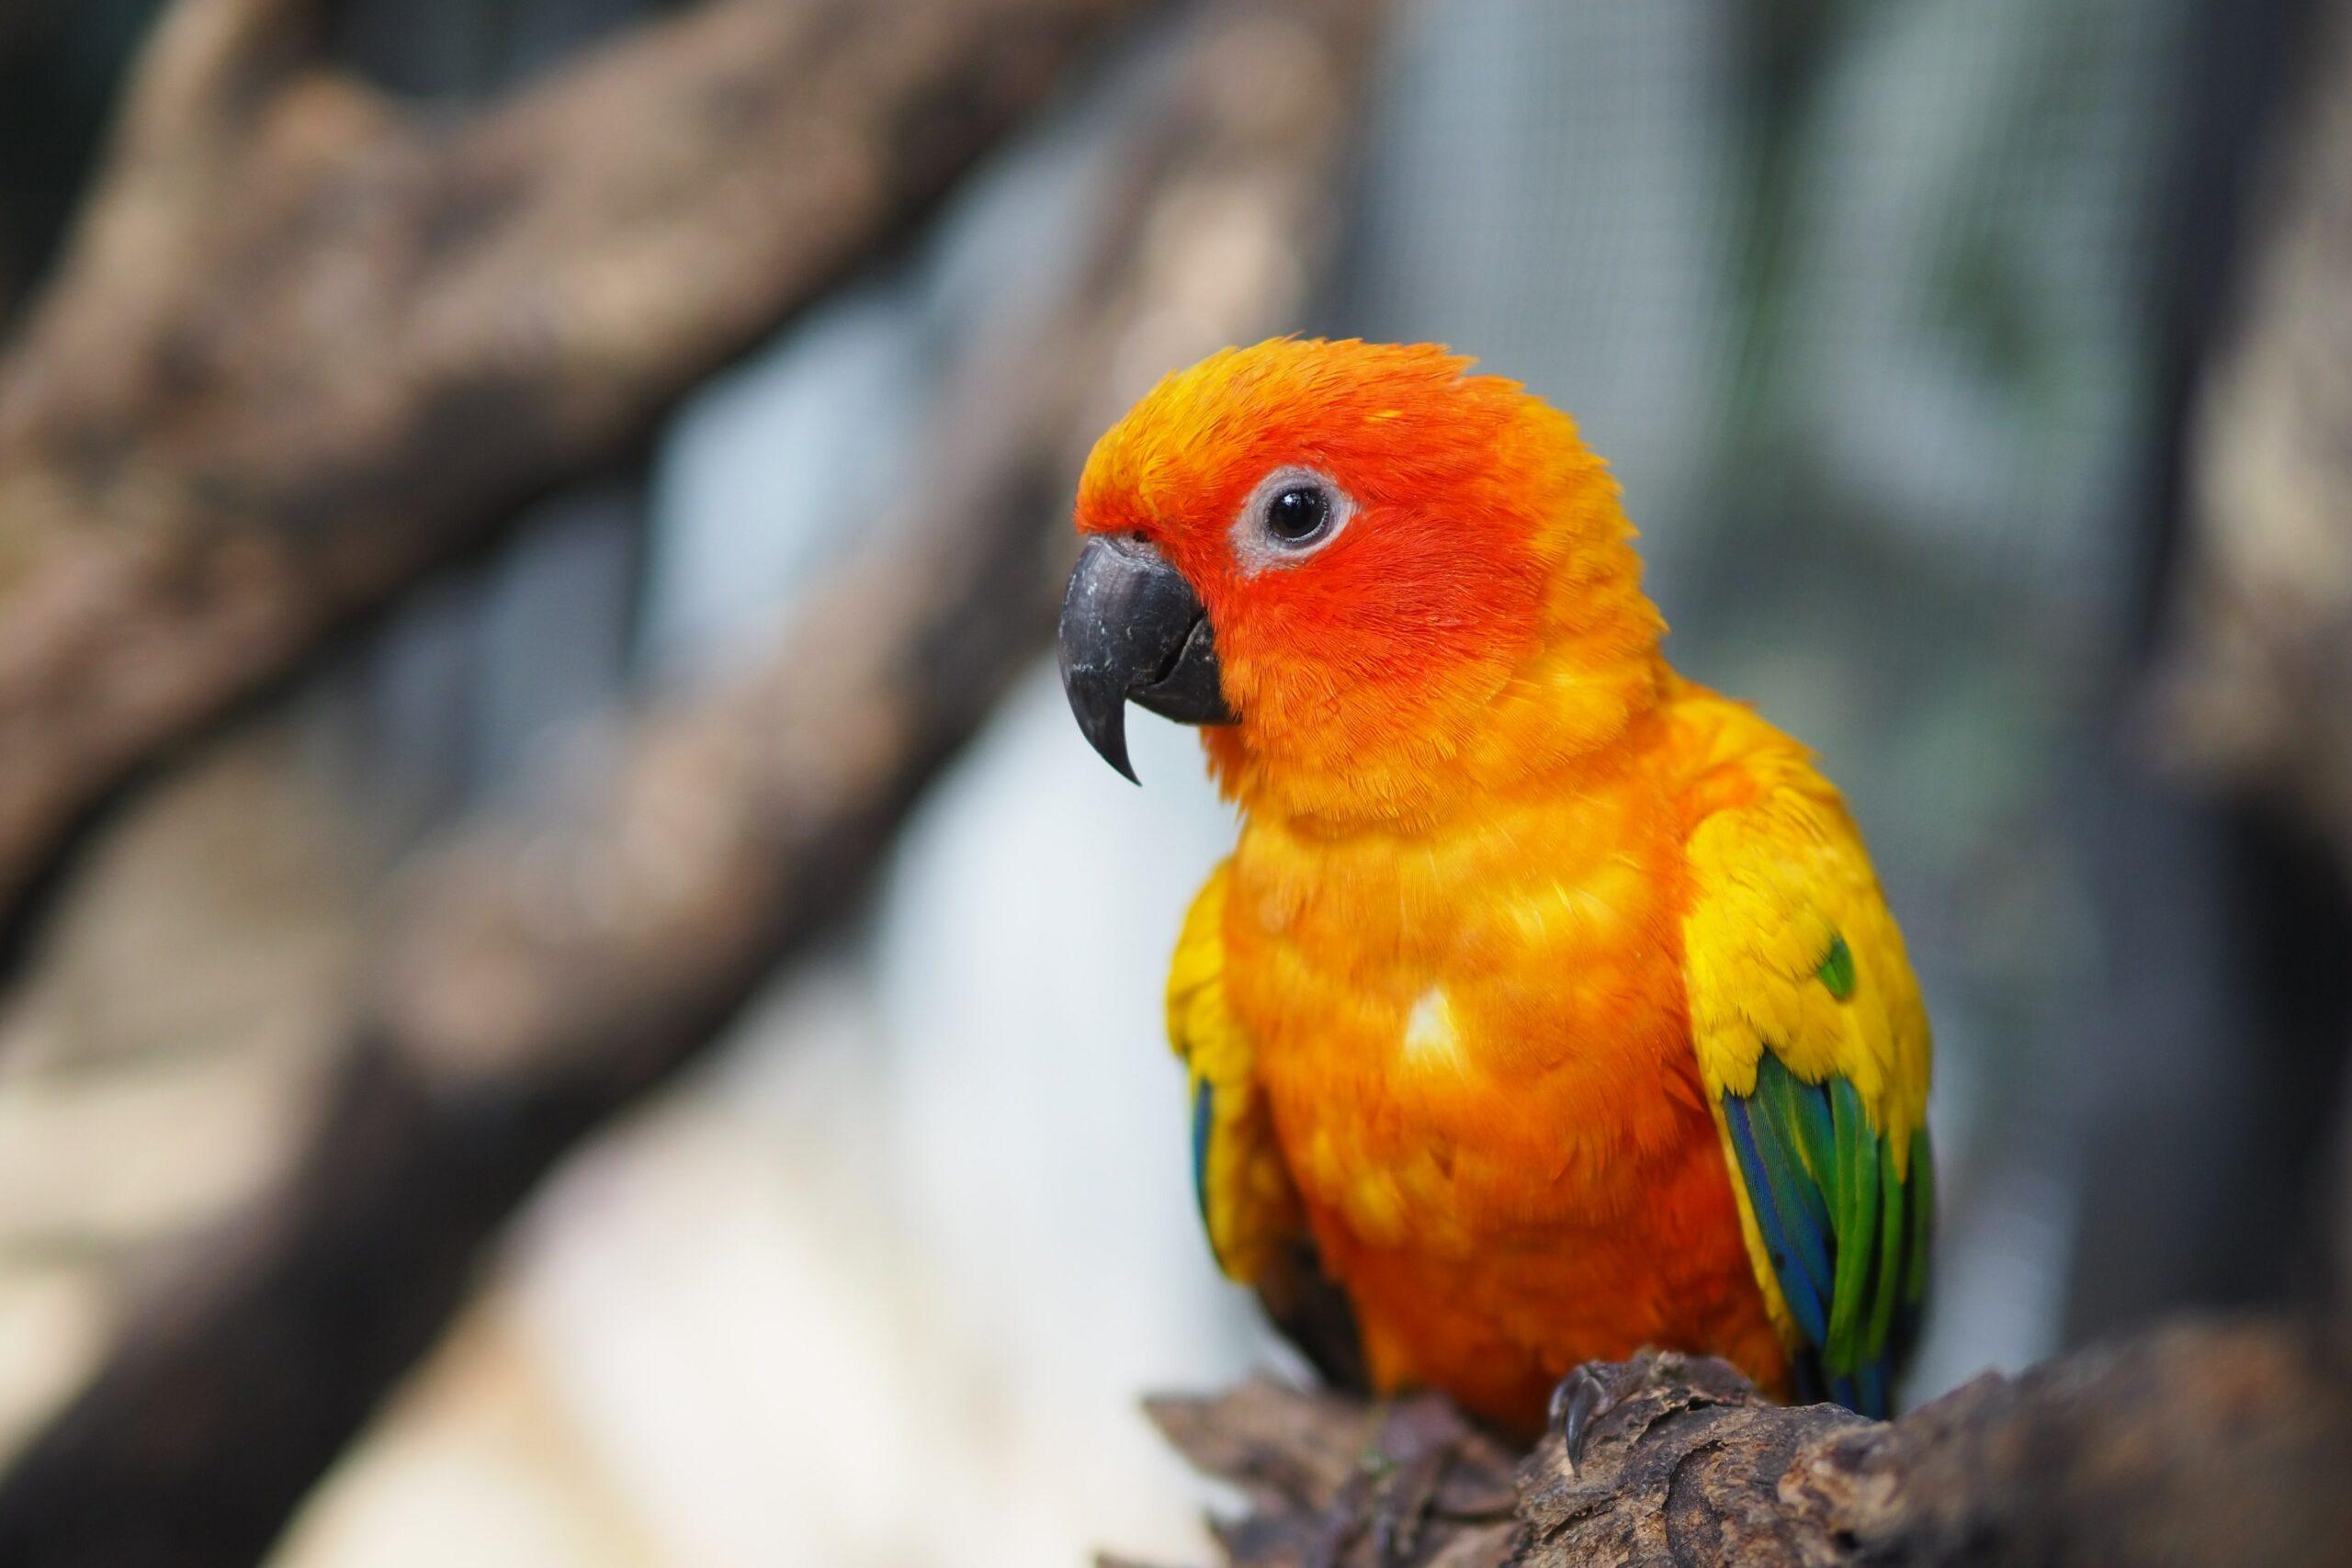 pájaro naranja-amarillo-andgreen en la rama de un árbol marrón